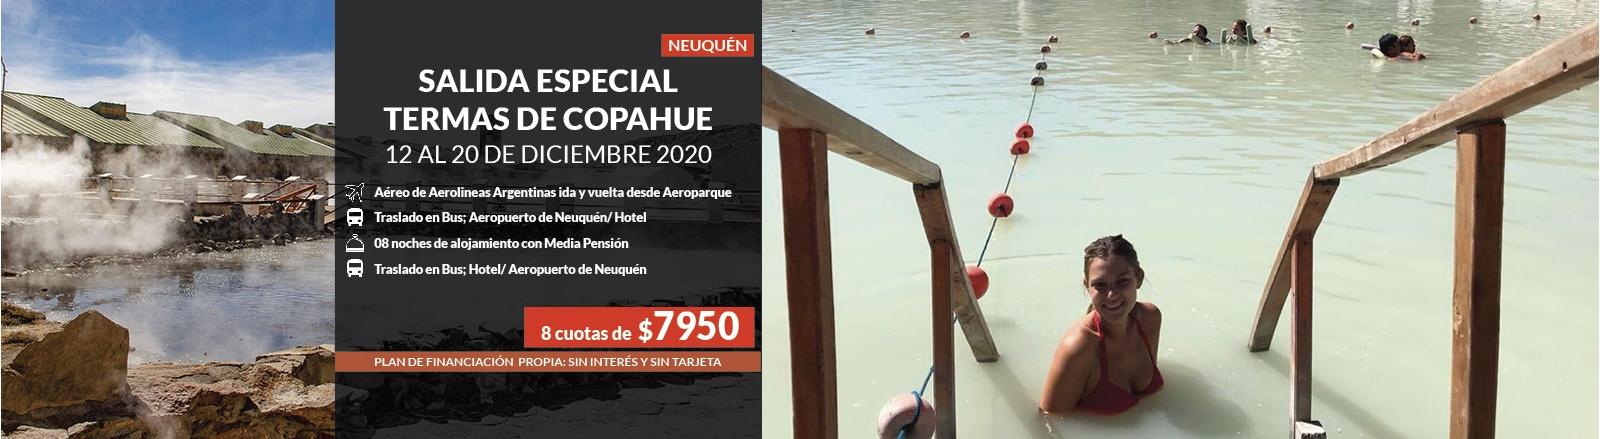 especial copahue 2020